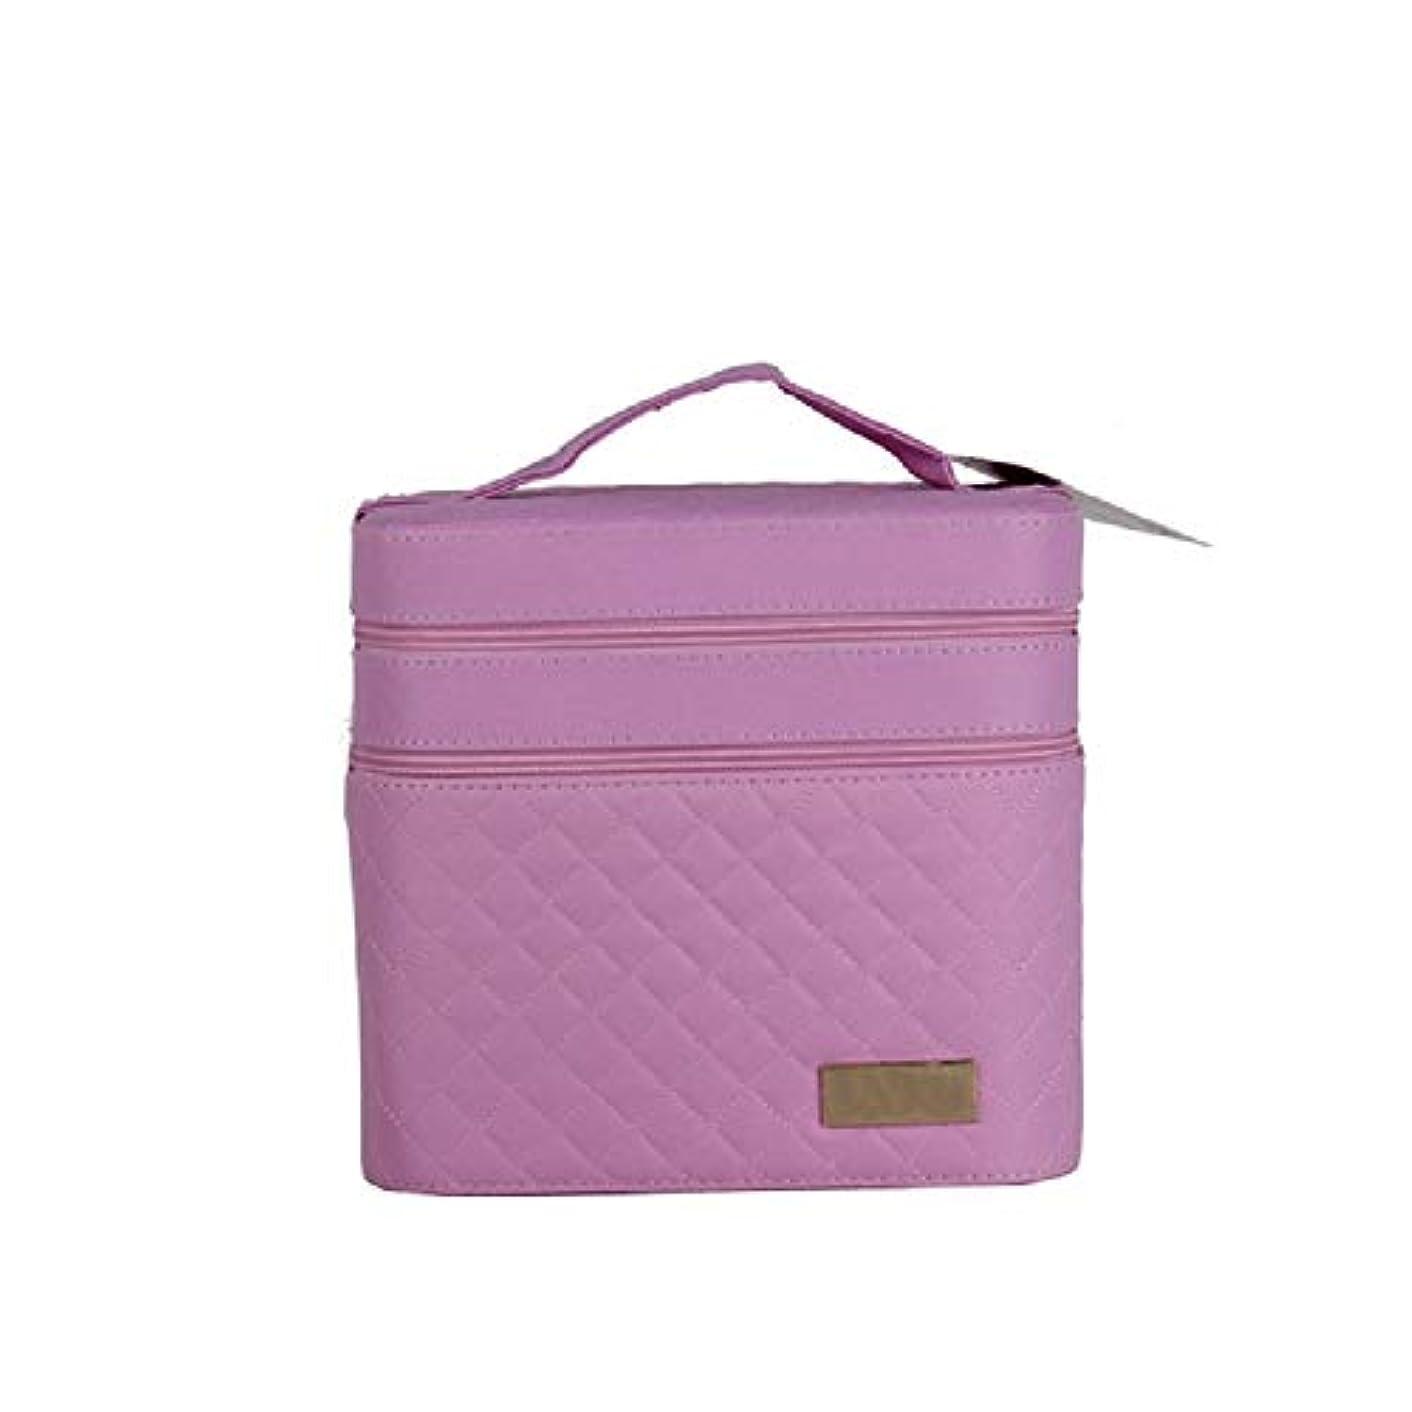 床を掃除する換気受け皿化粧オーガナイザーバッグ ジッパーと化粧鏡で小さなものの種類の旅行のための美容メイクアップのためのピンクのポータブル化粧品バッグ 化粧品ケース